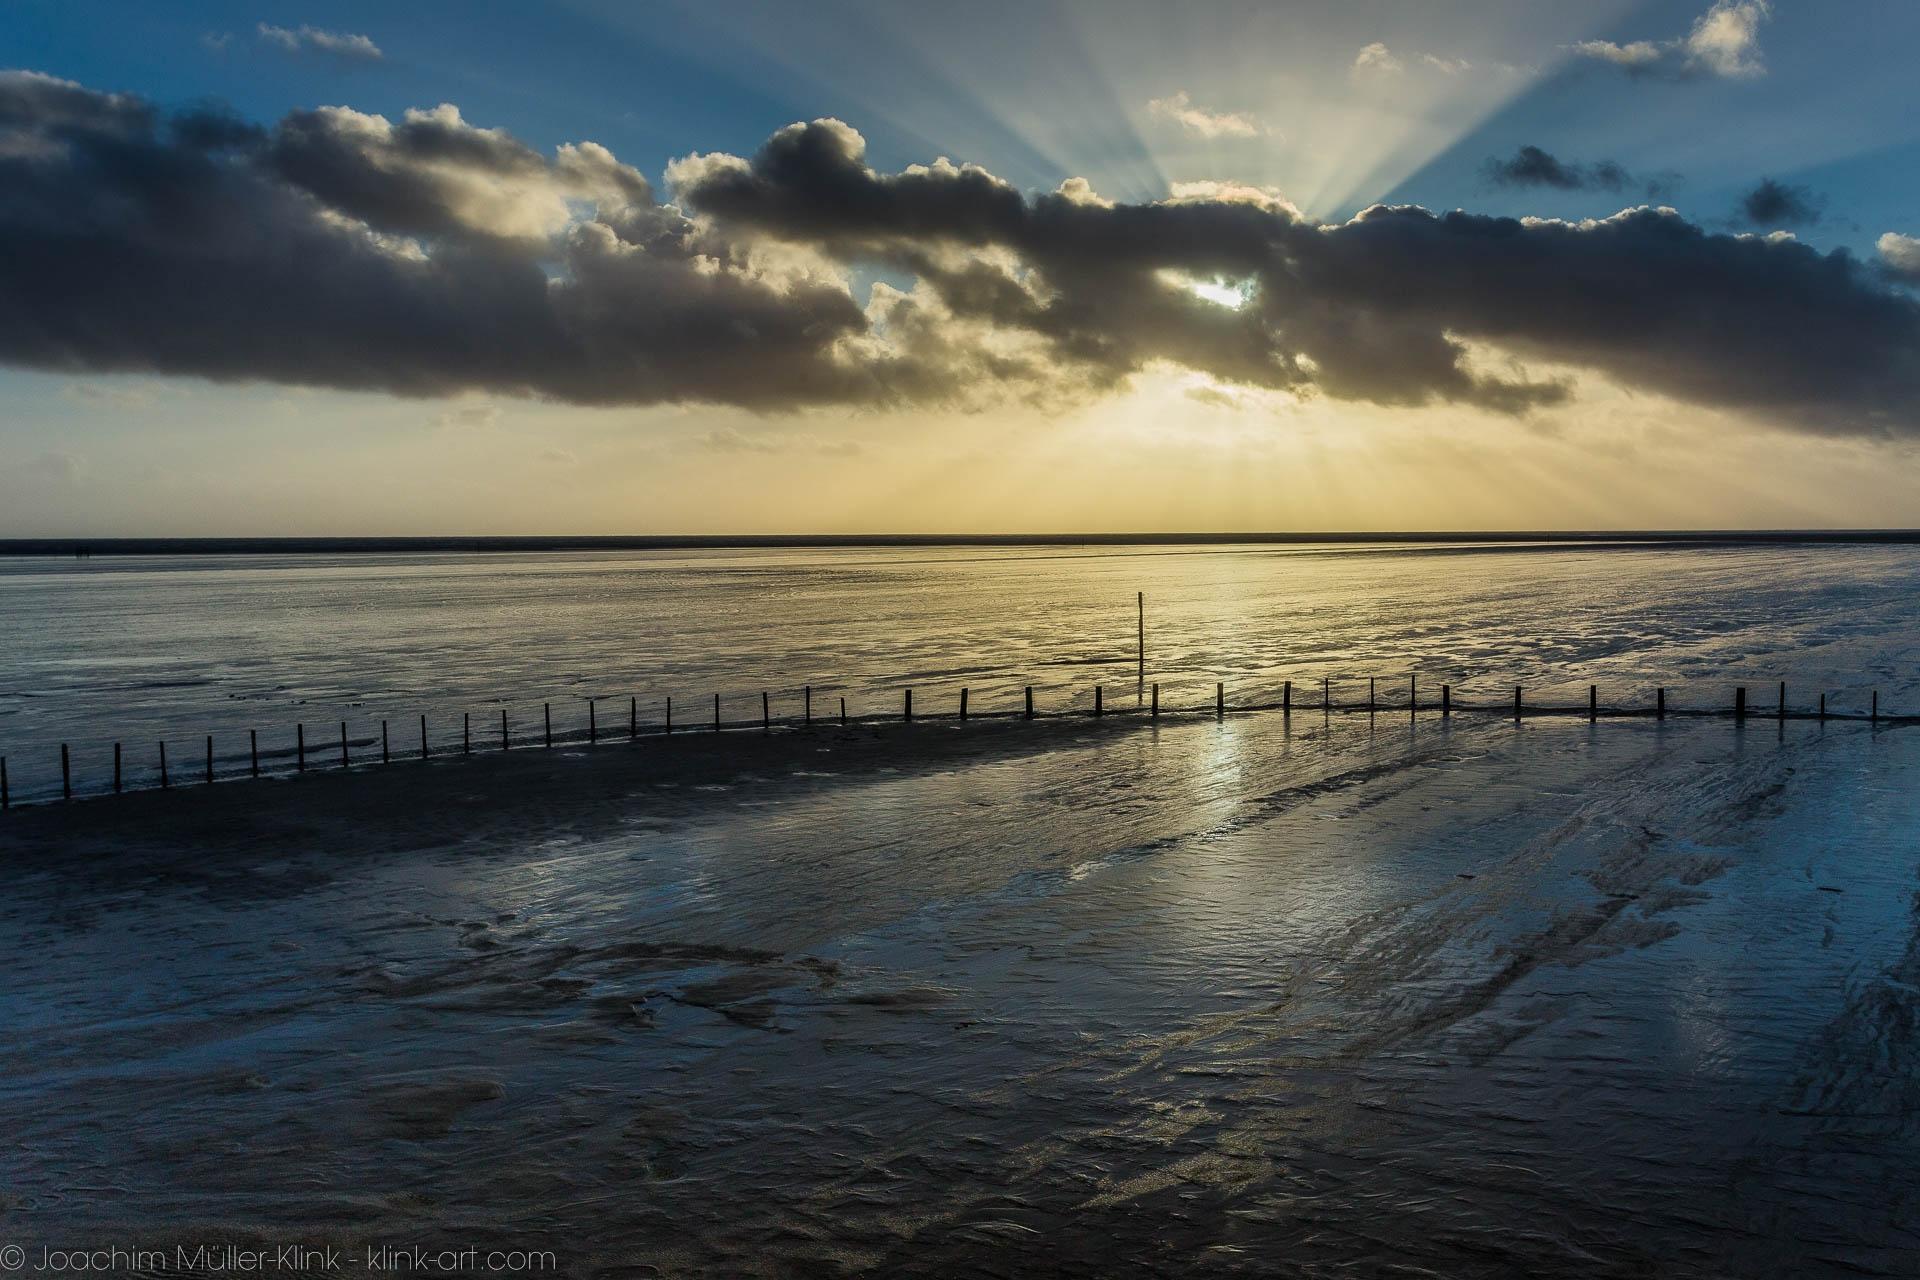 Reflektionen der untergehenden Sonne im Wattenmeer - Reflections of the setting sun in the Wadden Sea